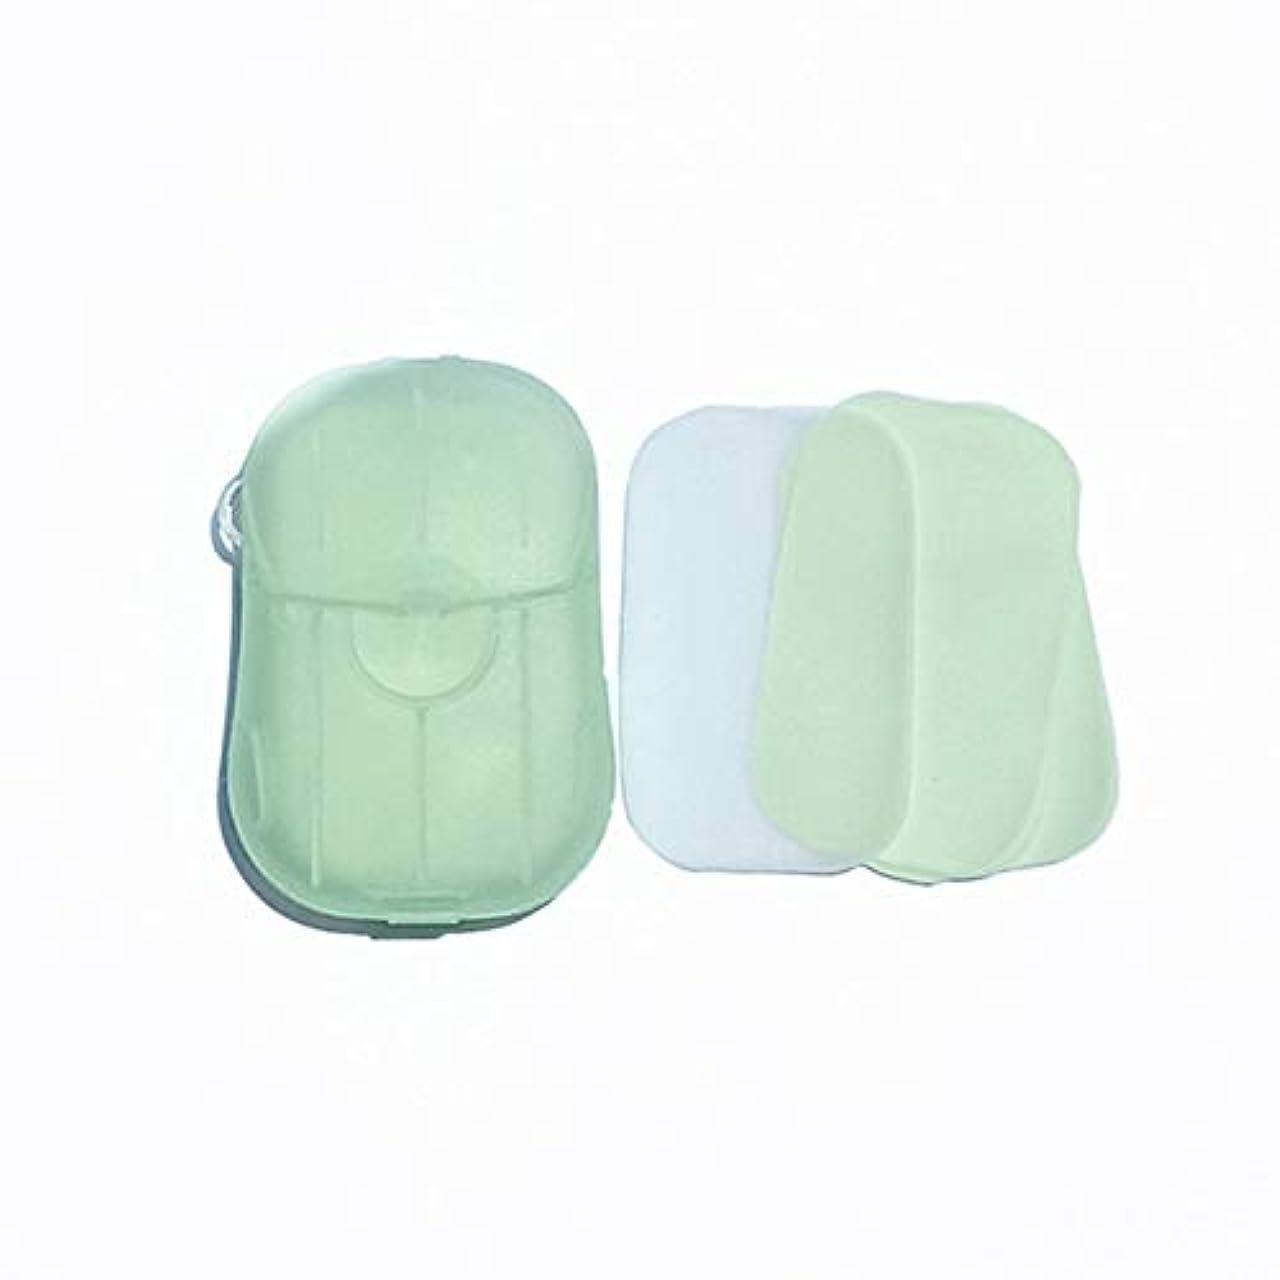 協同サッカーペネロペFeglin-joy ペーパーソープ せっけん紙 除菌 石鹸 手洗い お風呂 旅行携帯用 紙せっけん かみせっけん 香り 20枚入 ケース付き(よもぎ)